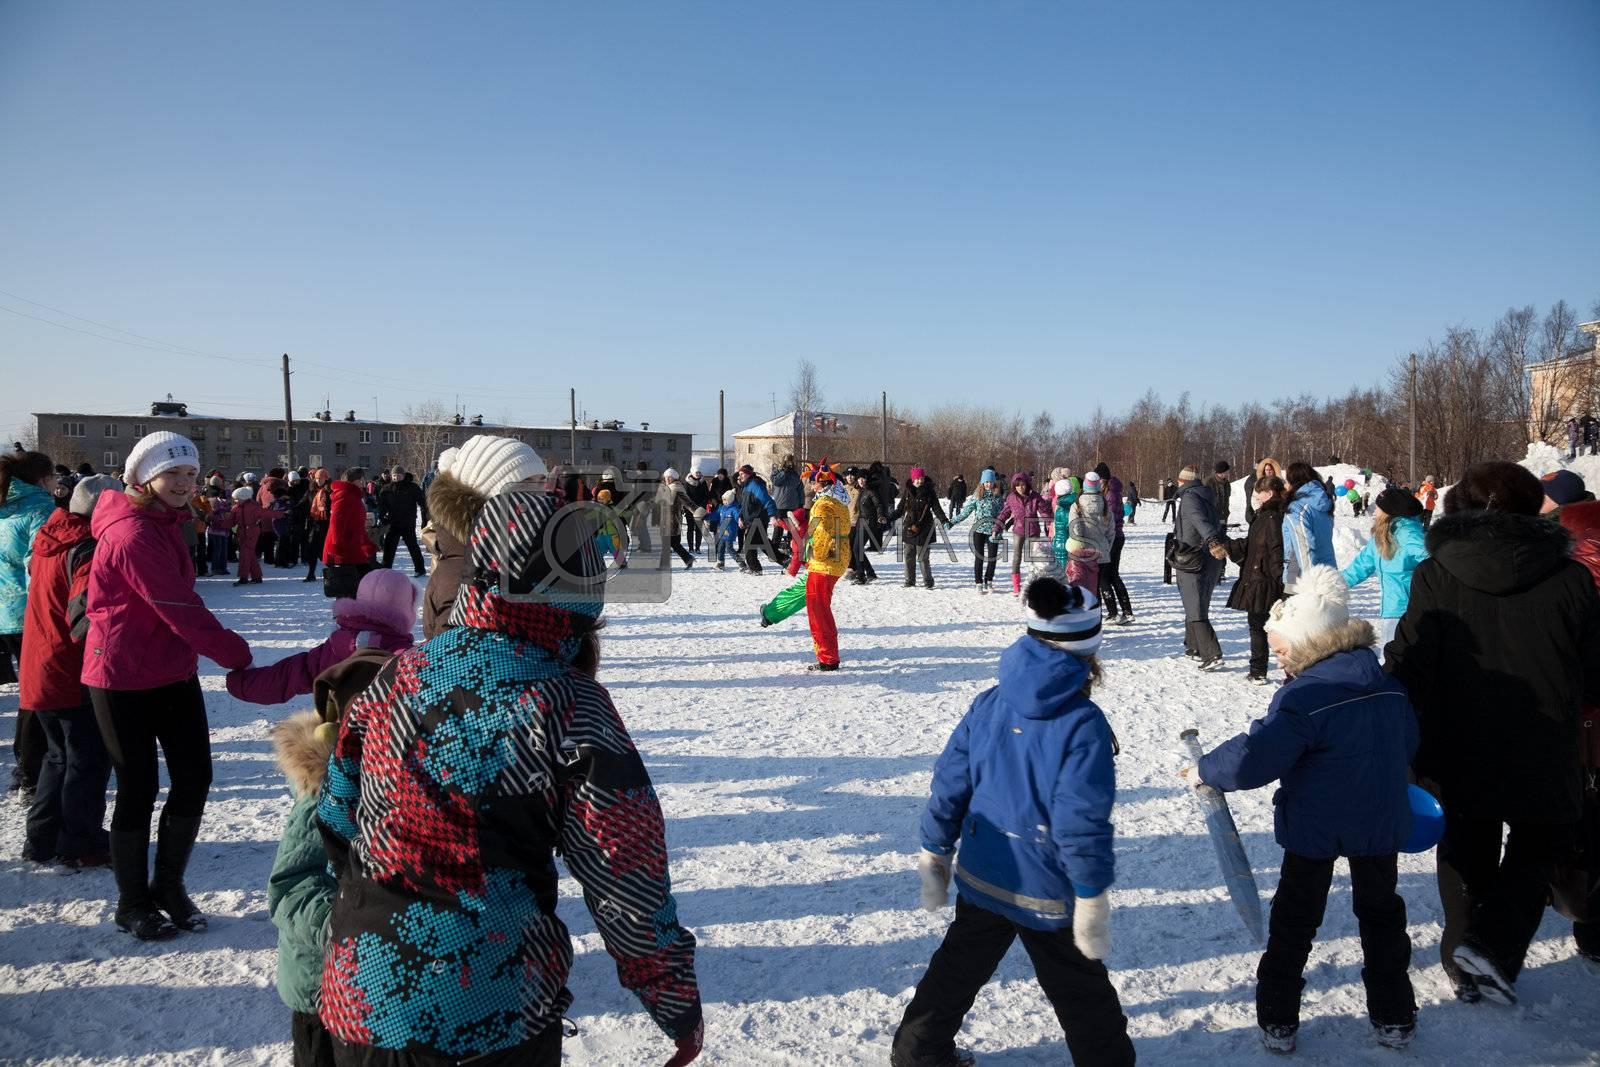 Festivities in Russia by AleksandrN